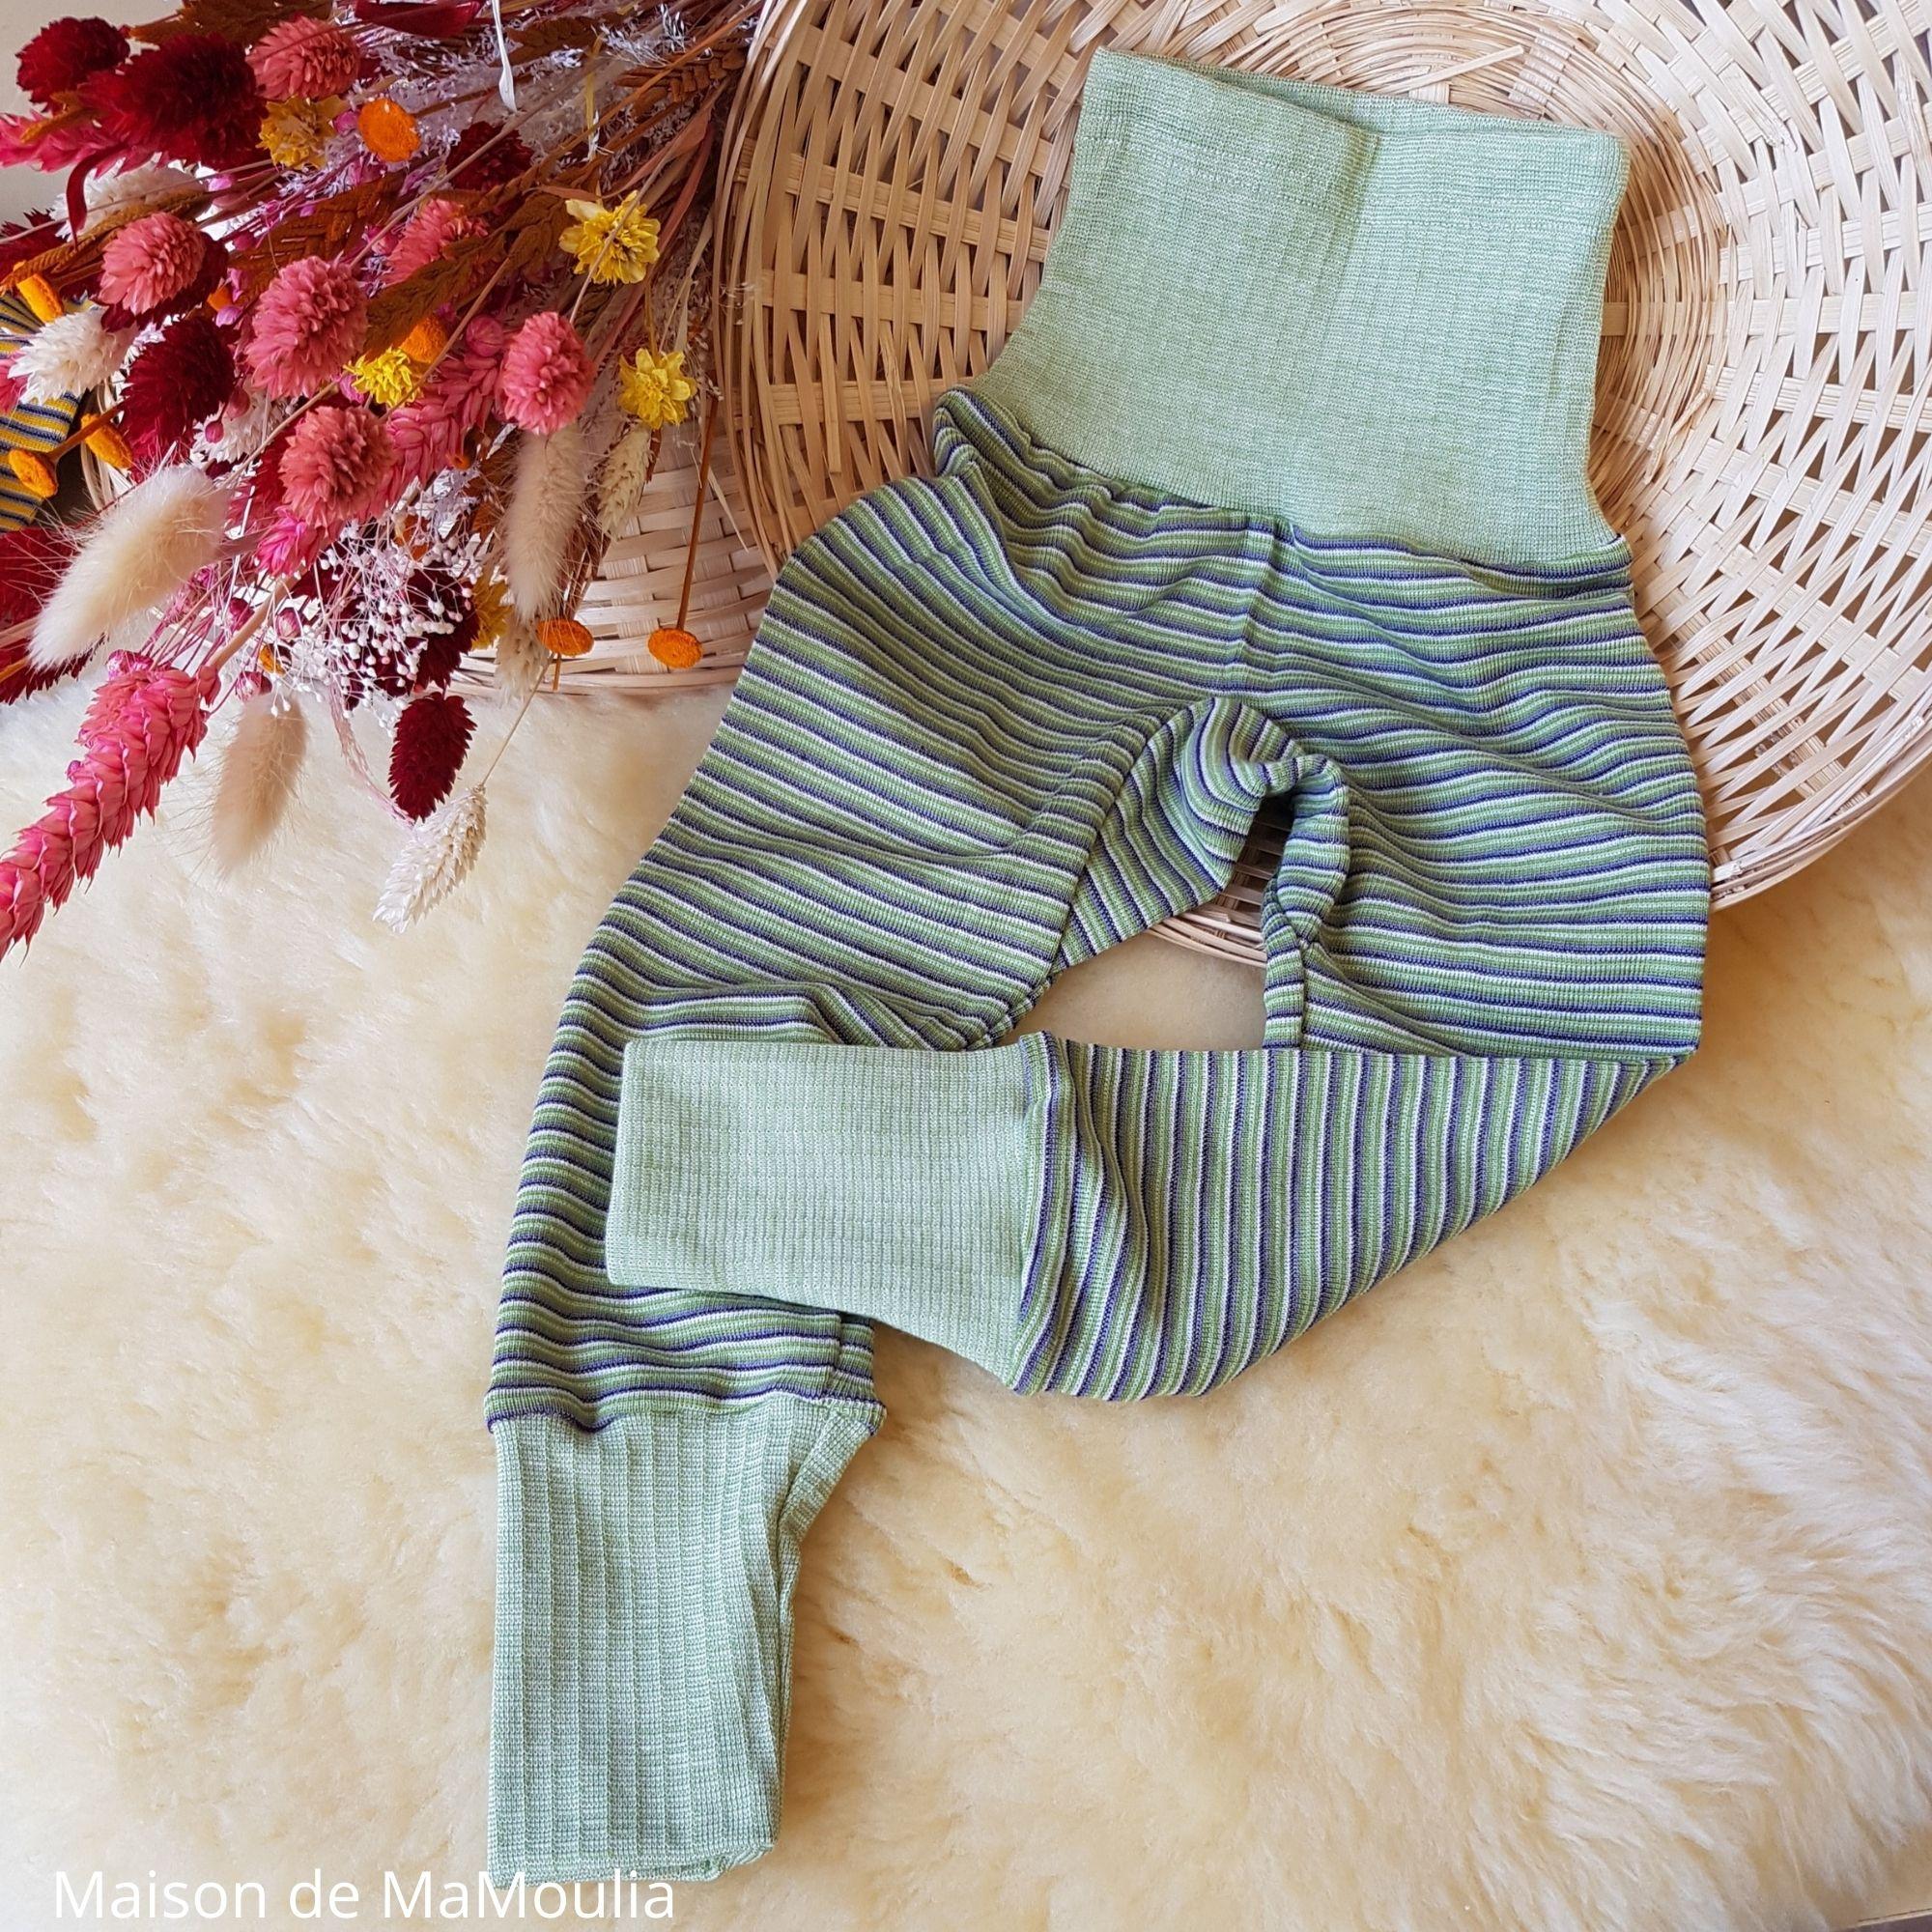 COSILANA - Pantalon ceinture large - Laine/Soie - Vert/Violet